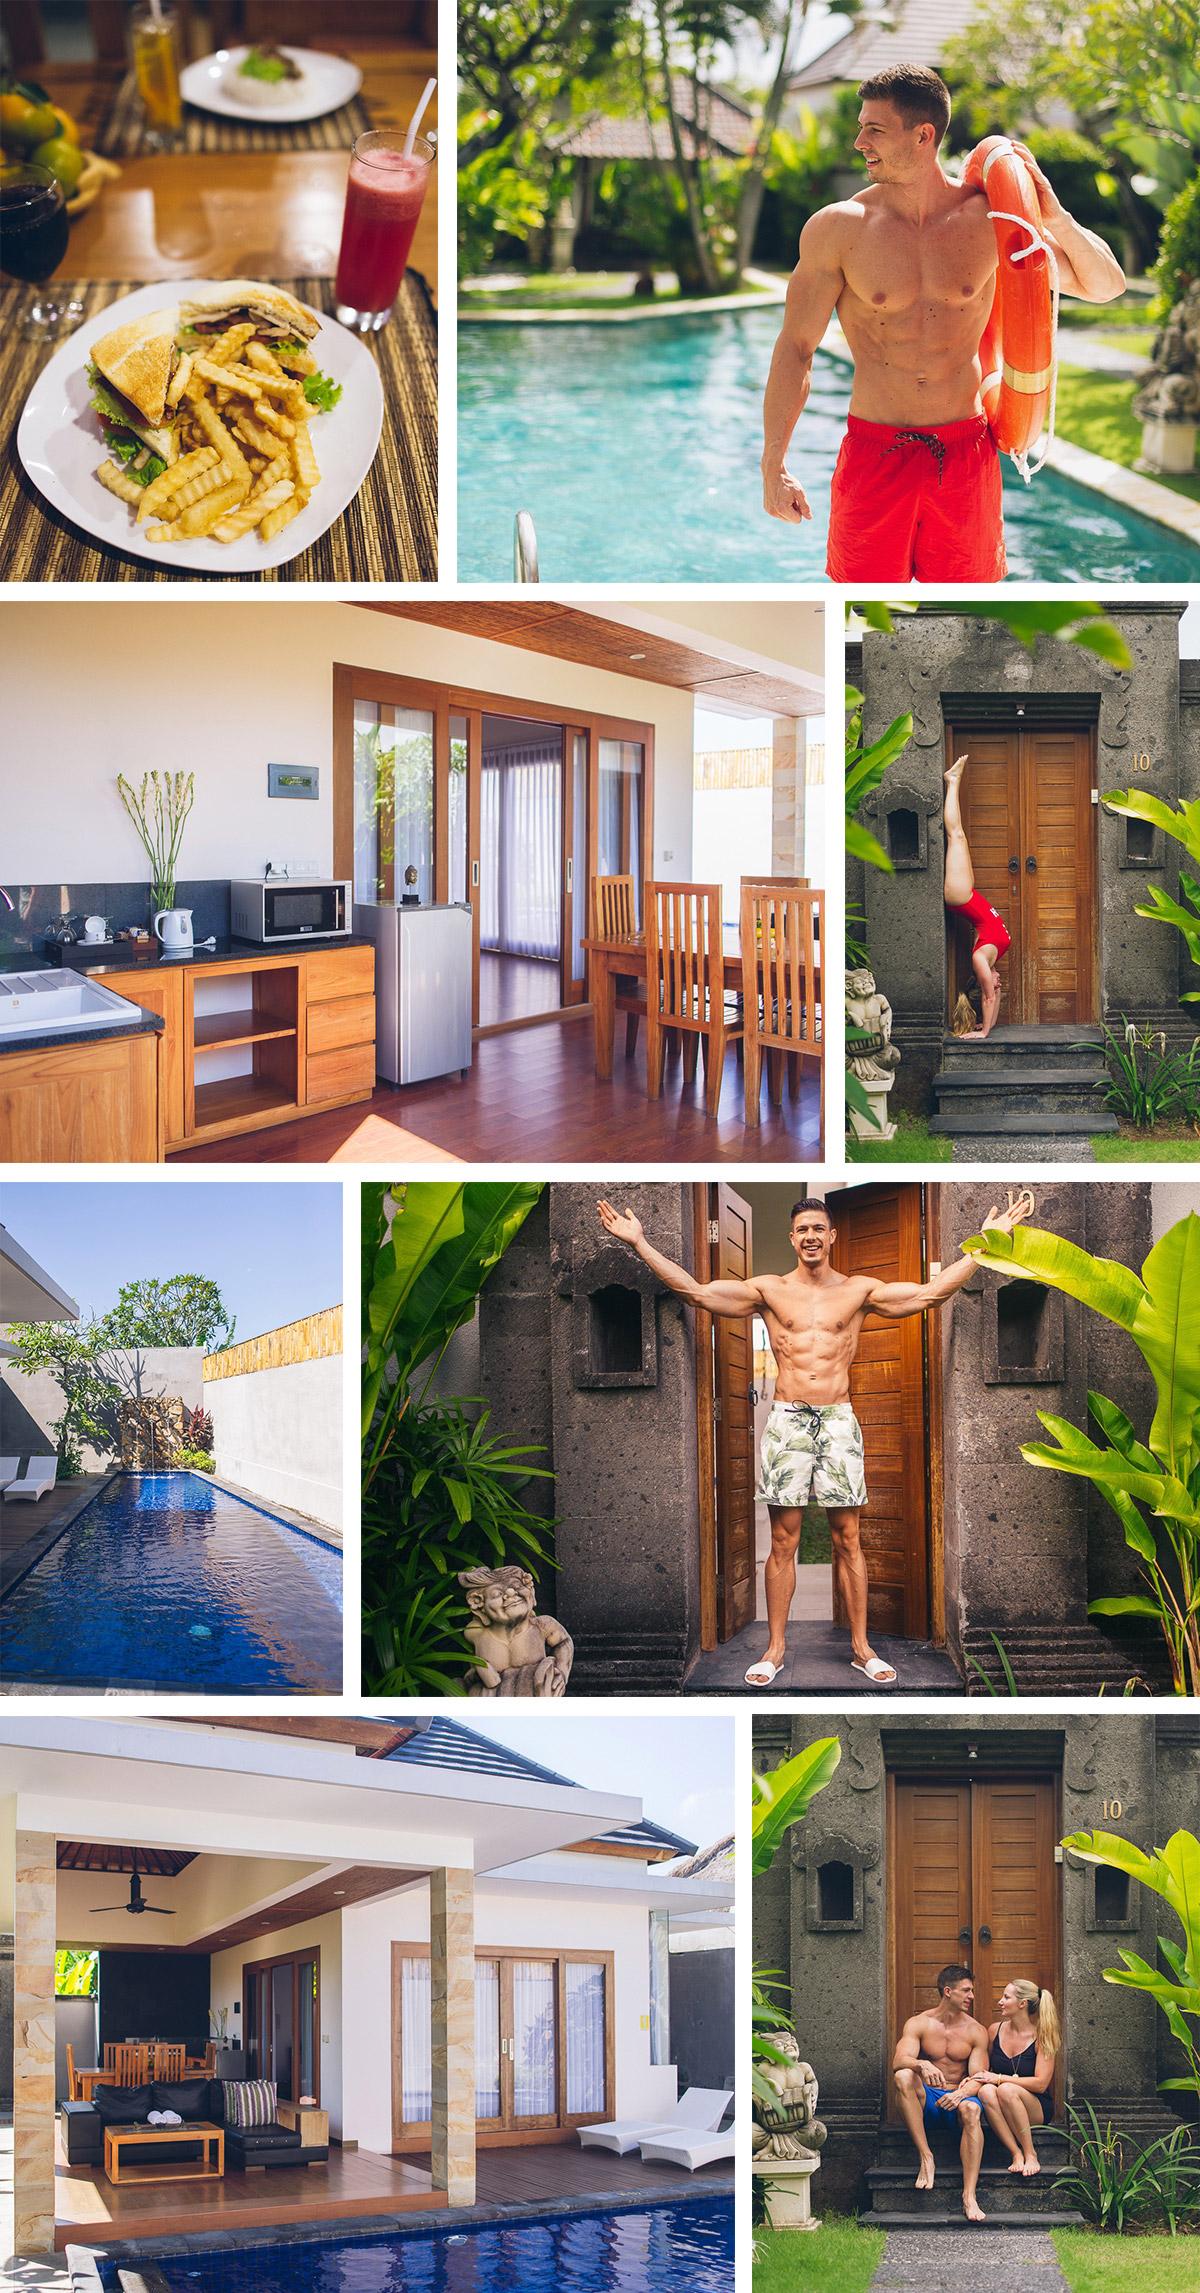 fitnessblog-fitnessblogger-fitness-blog-blogger-stuttgart-dreamteamfitness-unterkuenfte-auf-indonesien-bali-nyah-gading-villa-seminyak